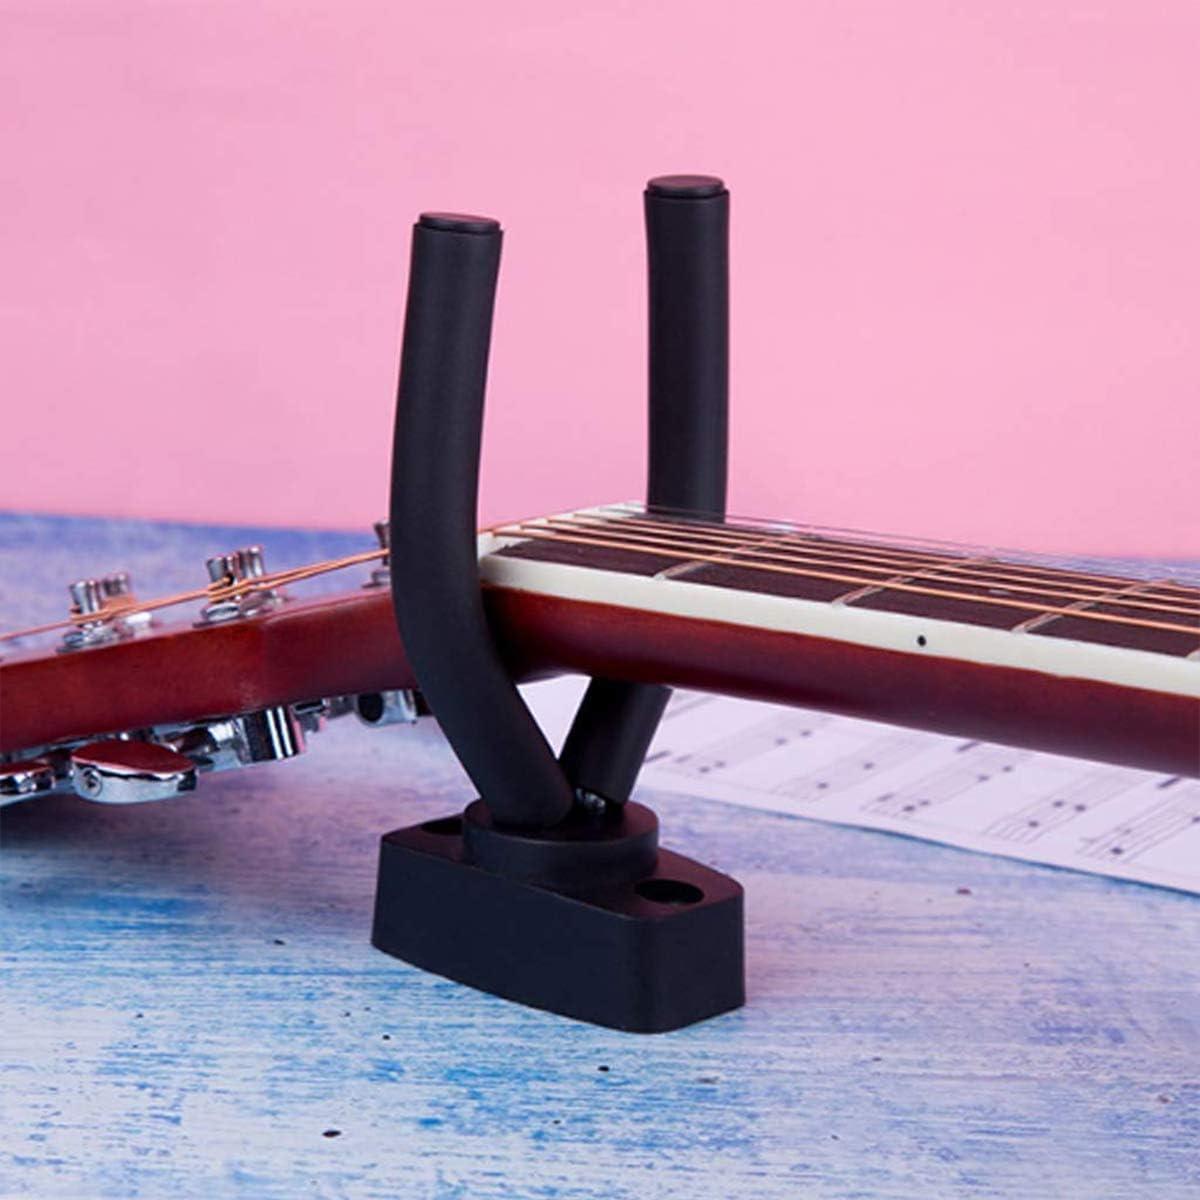 nero 2 pezzi Appendino per chitarra supporto espositore per violino ukulele chitarra